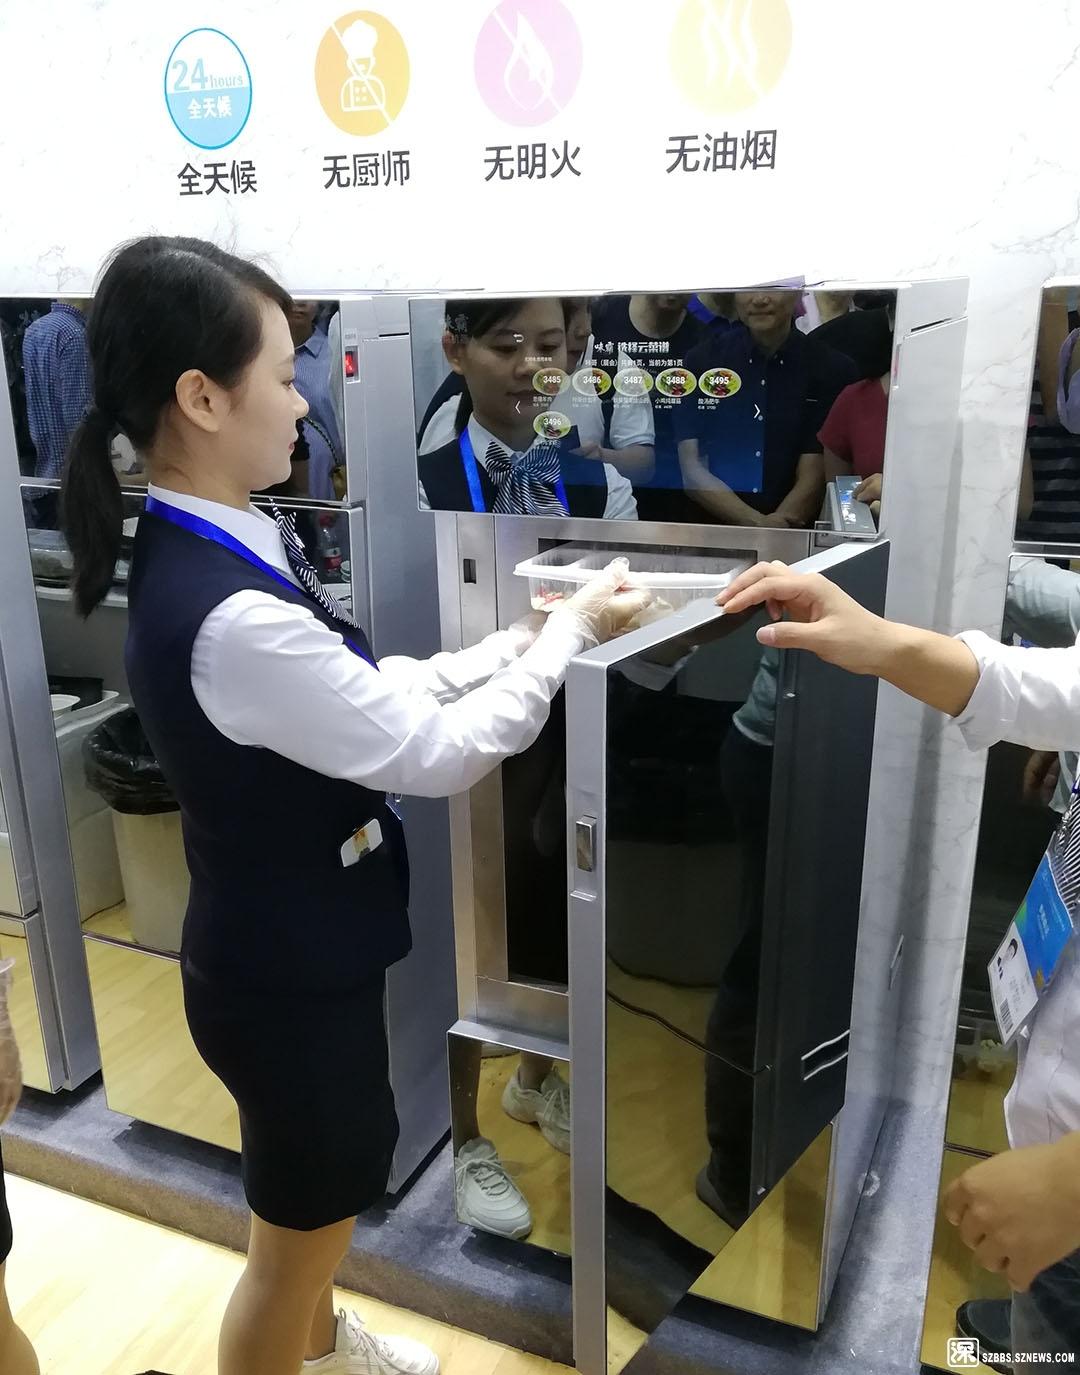 高交会上的自动炒菜机【p0755123】.jpg